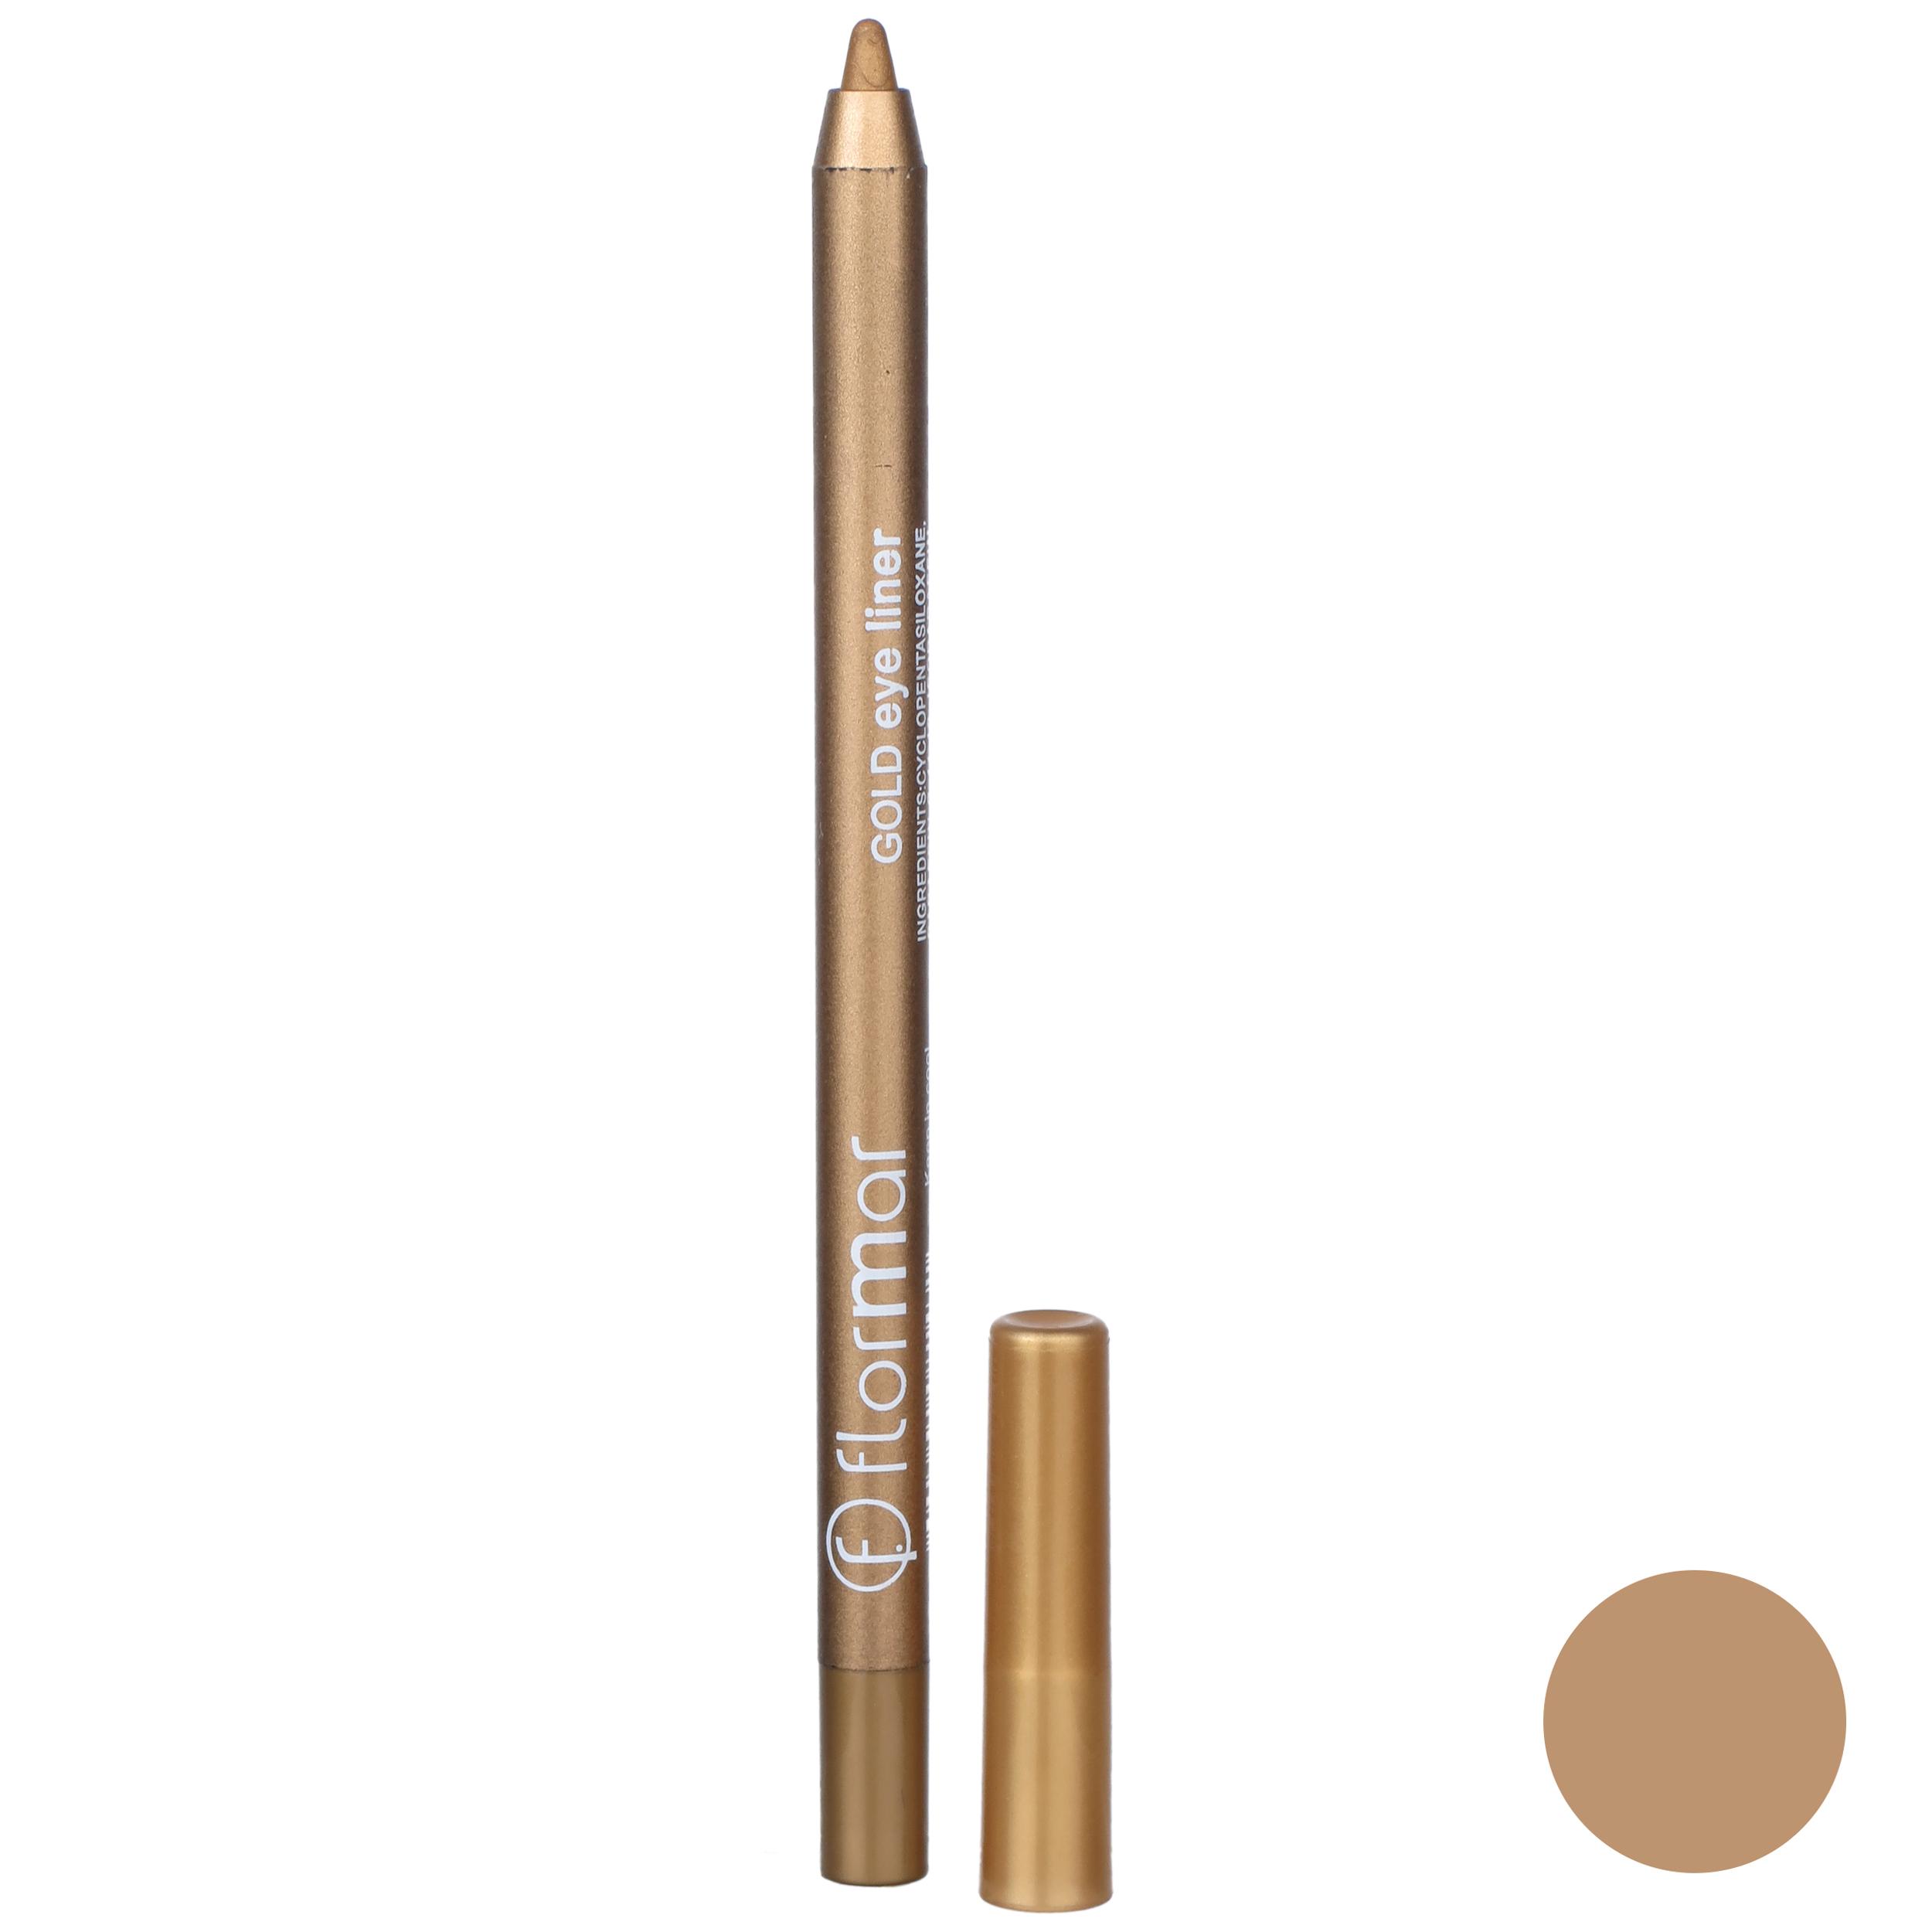 مداد چشم فلورمار شماره 02 -  - 2